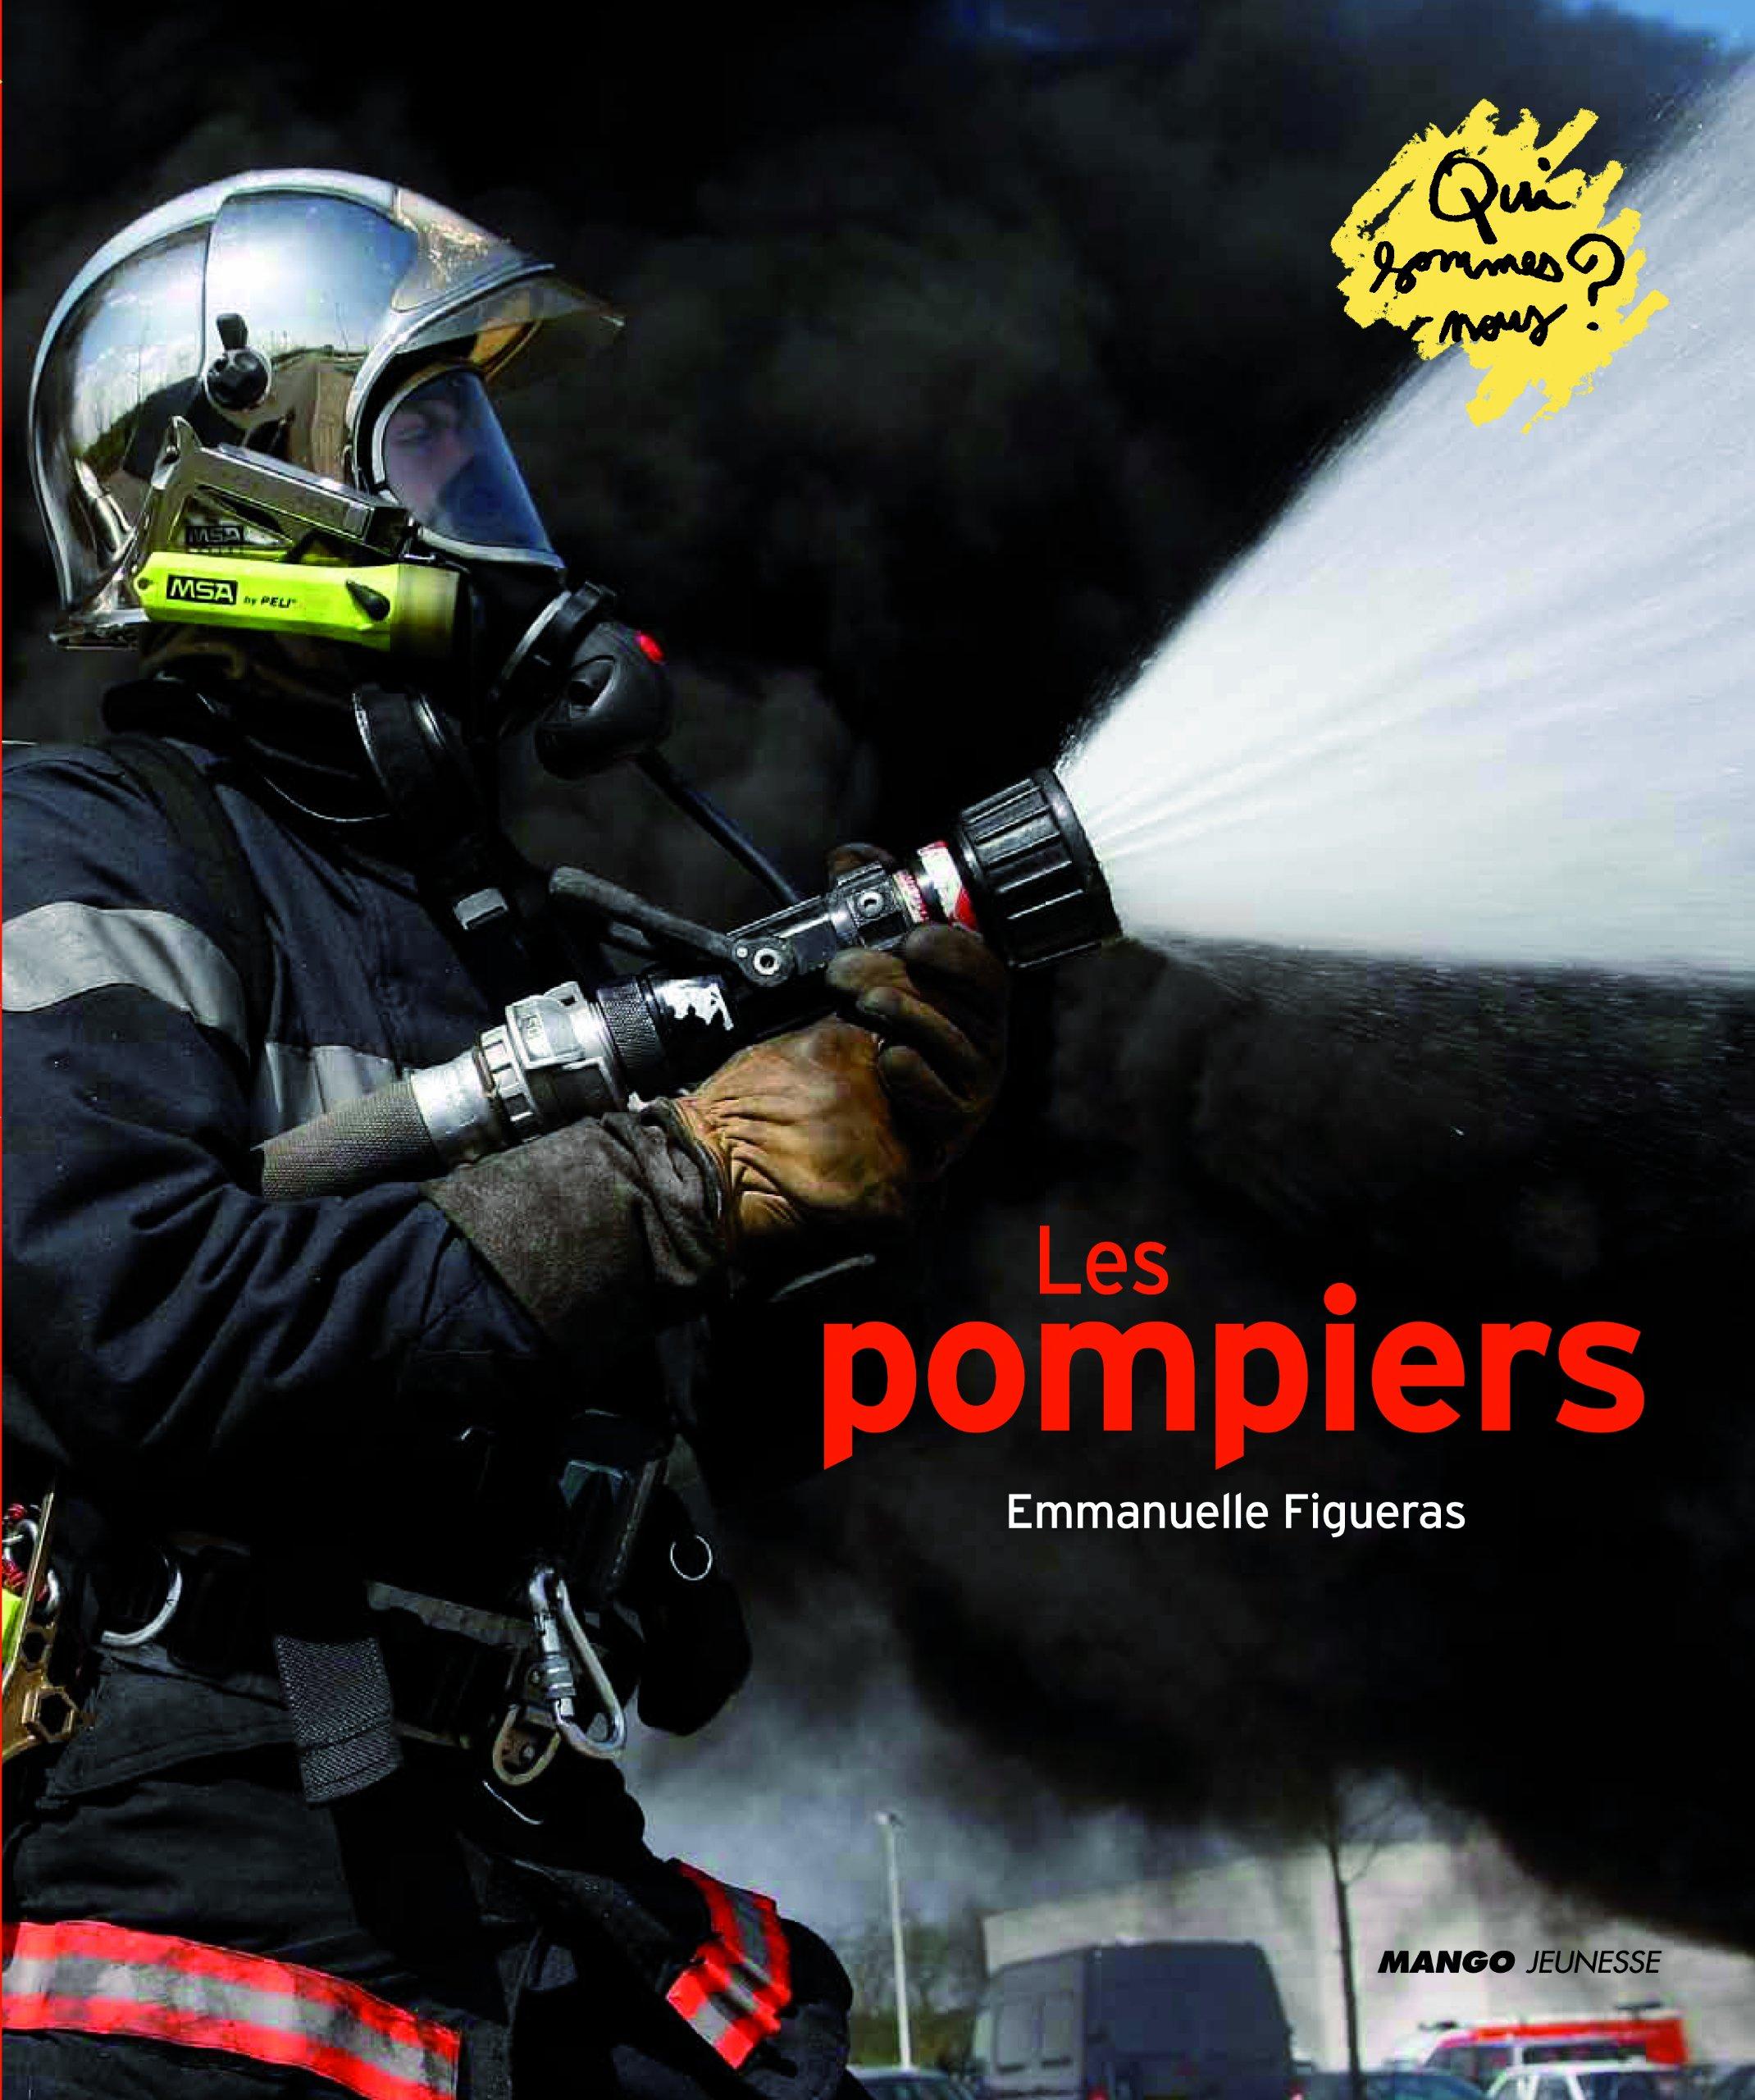 Les pompiers Broché – 10 mars 2011 Emmanuelle Figueras MANGO 2740428014 9782740428016_PROL_US